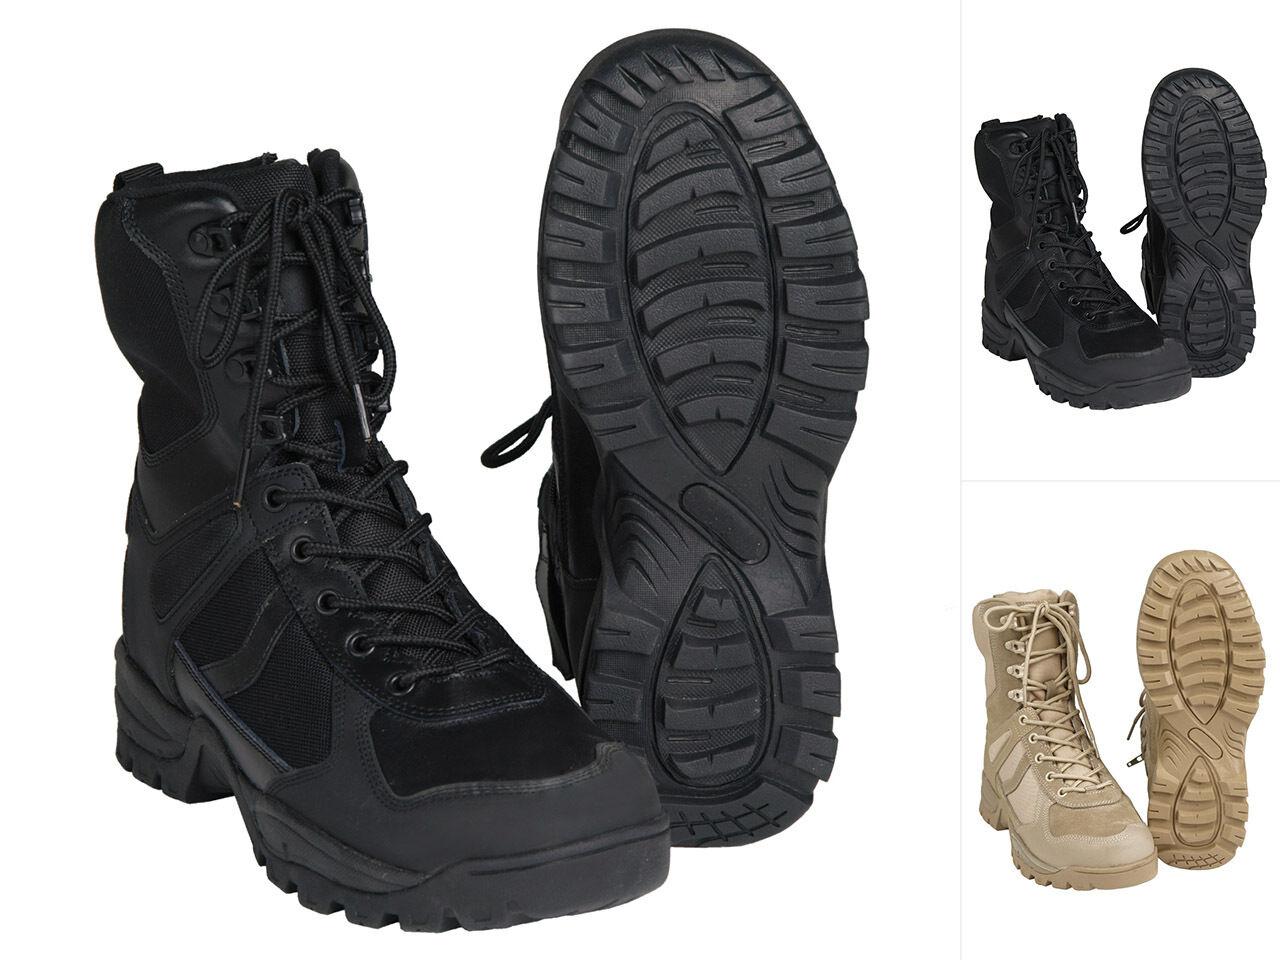 Mil-Tec Stiefel Patrol One Zip Schuhe Wanderschuhe Lederstiefel Stiefel 39-46